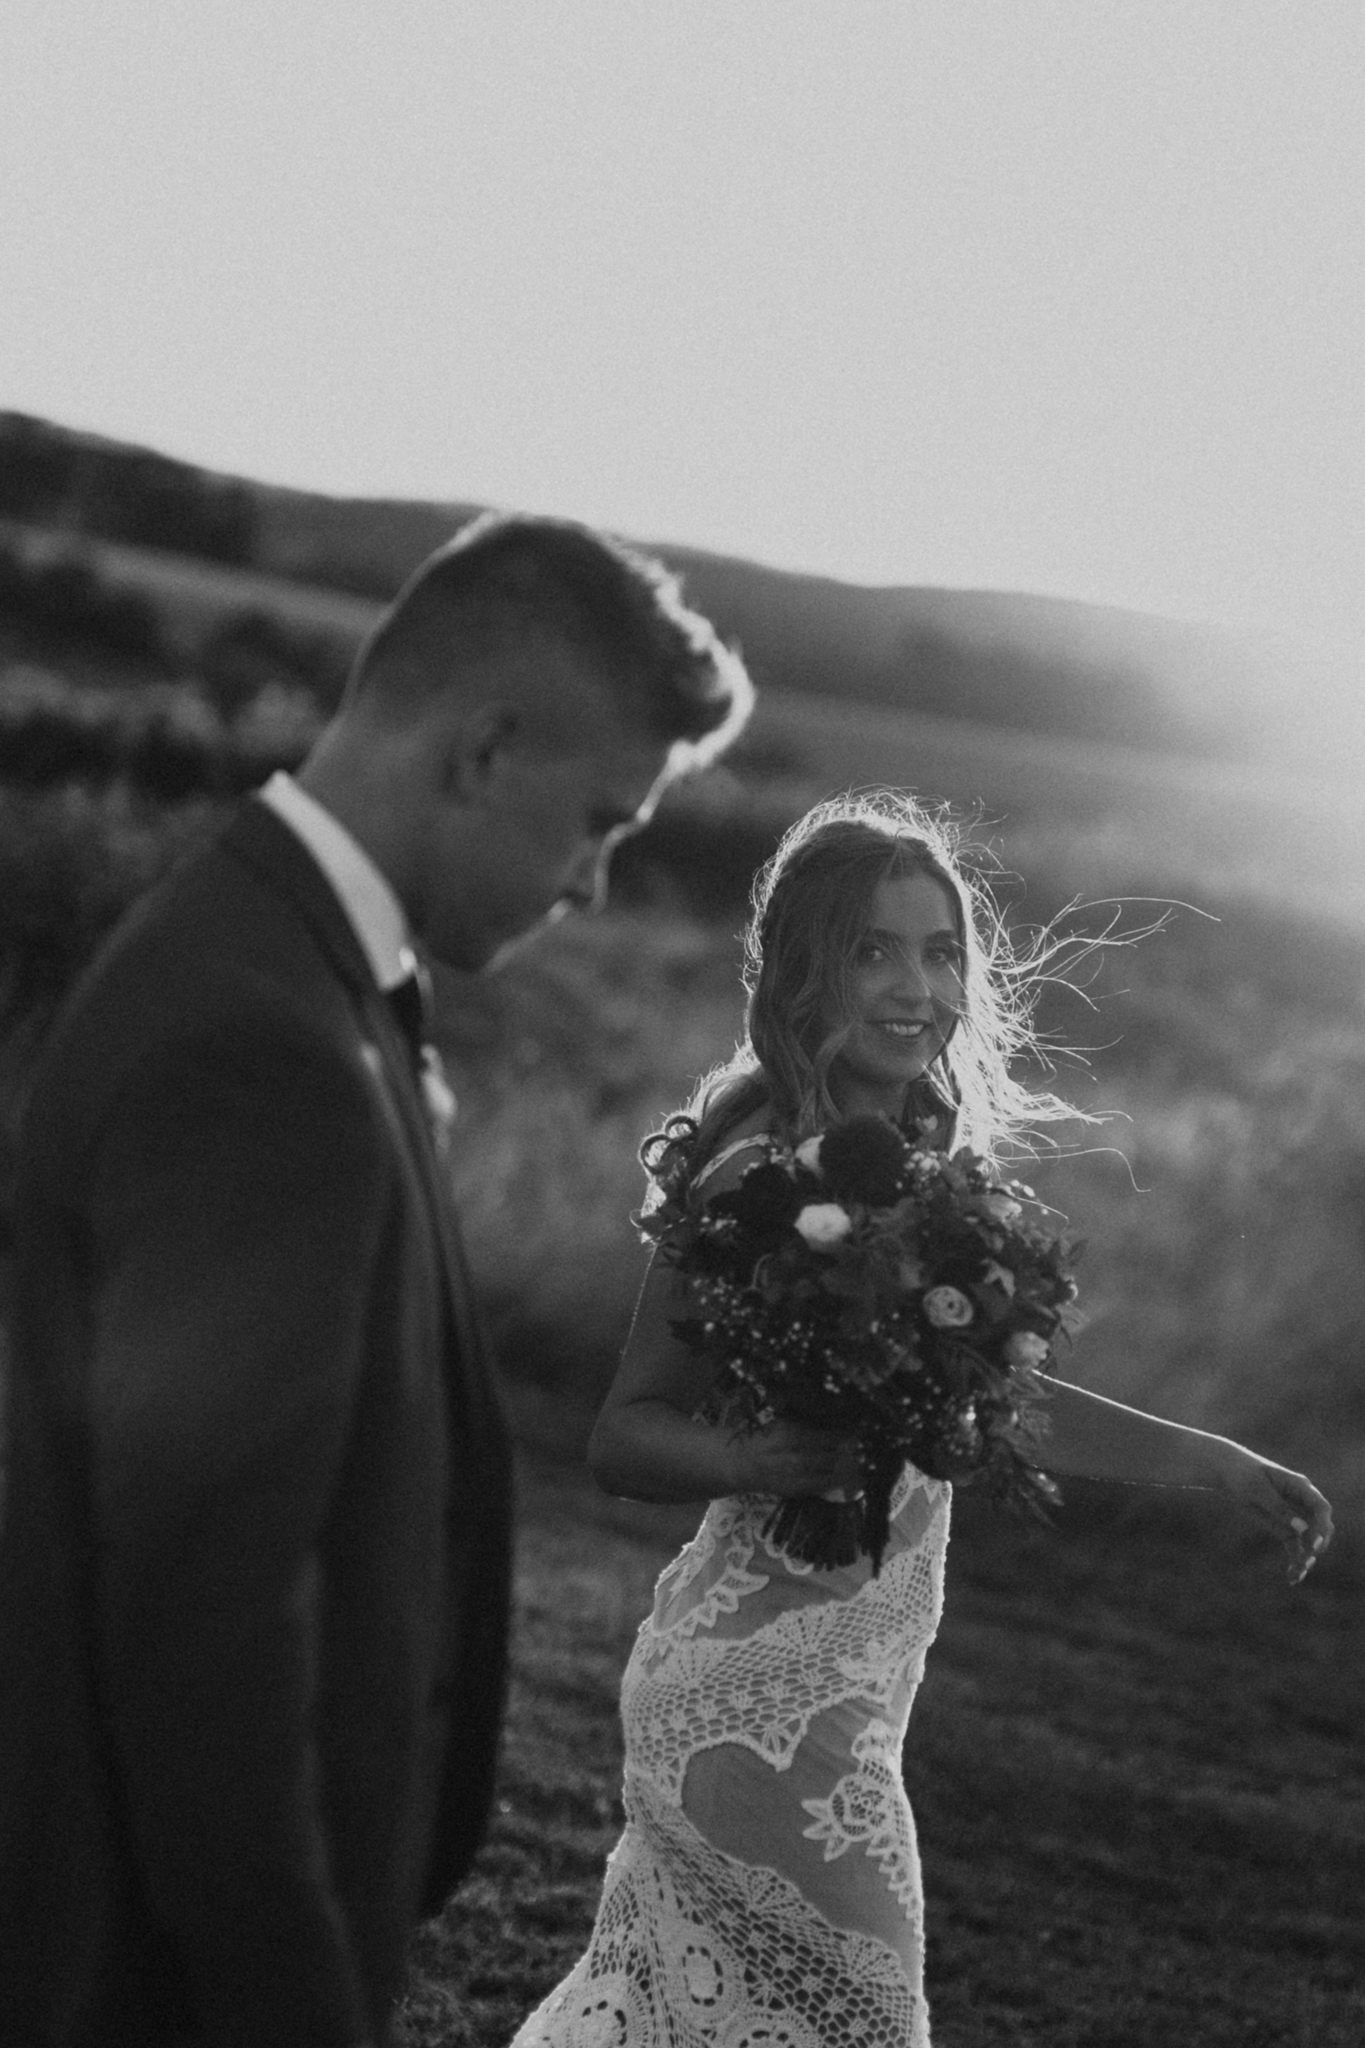 Yarra-Valley-Riverstone-Estate-wedding-027a.jpg